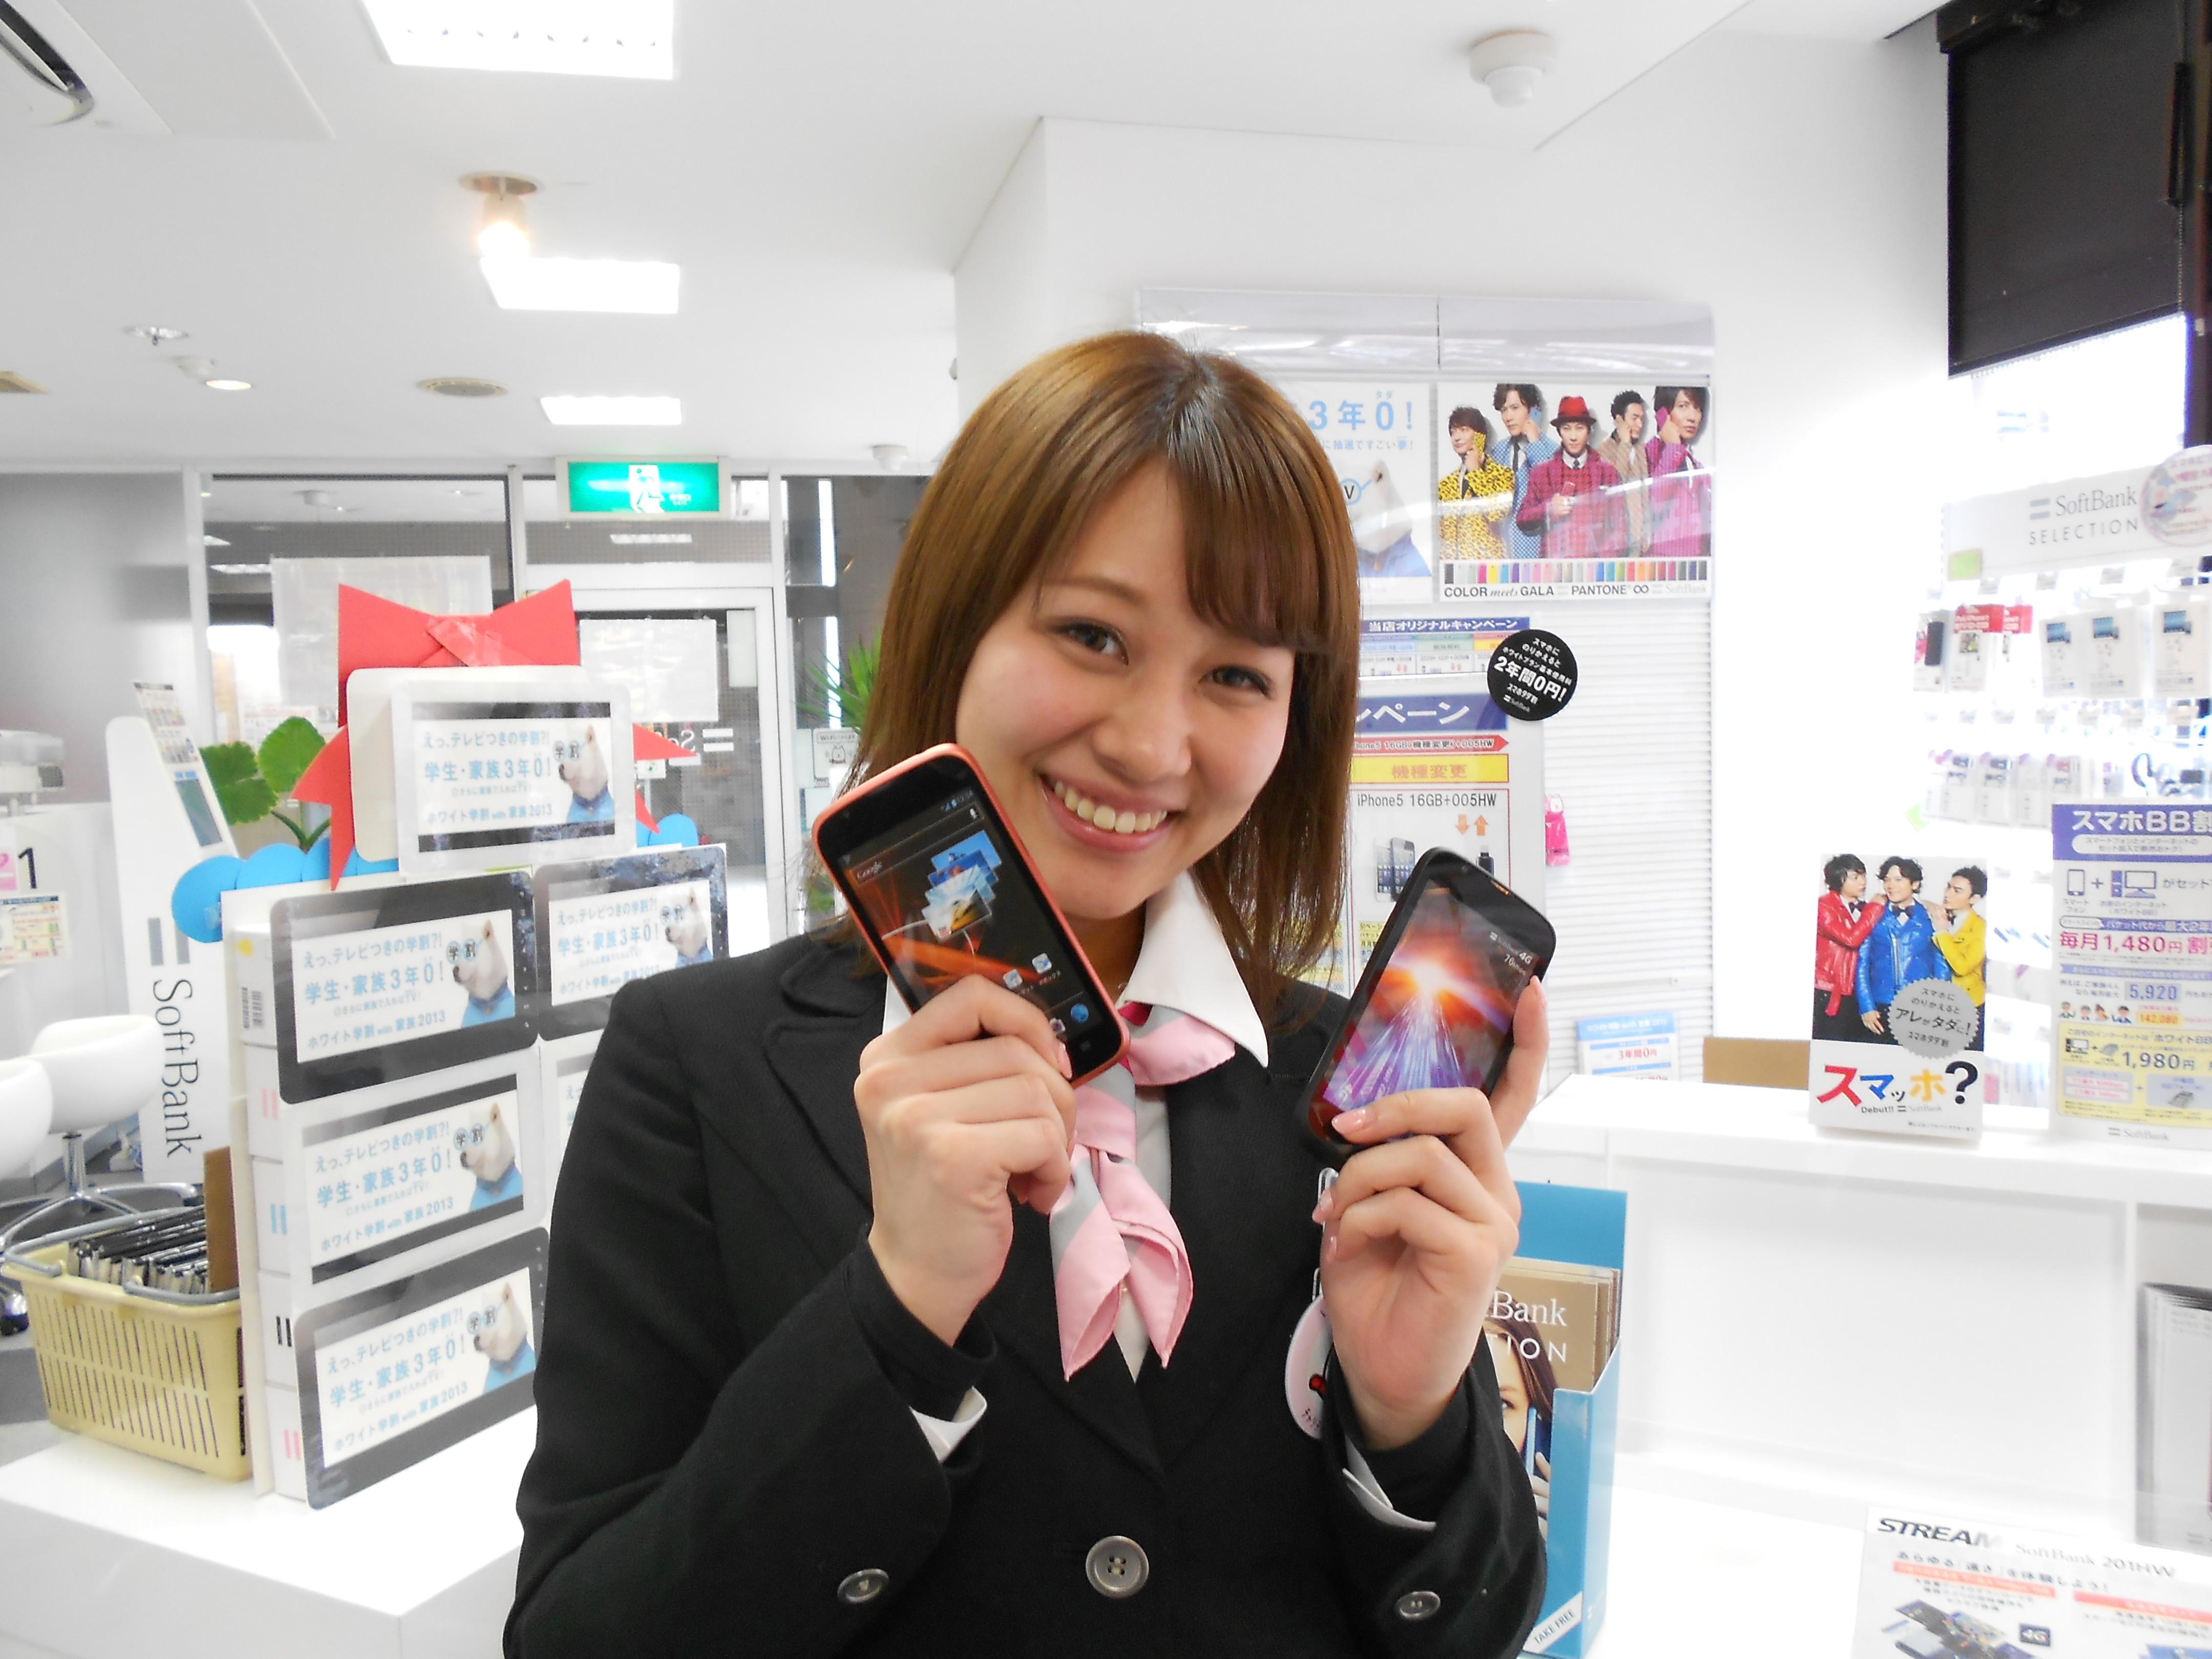 ソフトバンク 豊川(株式会社シエロ)のアルバイト情報